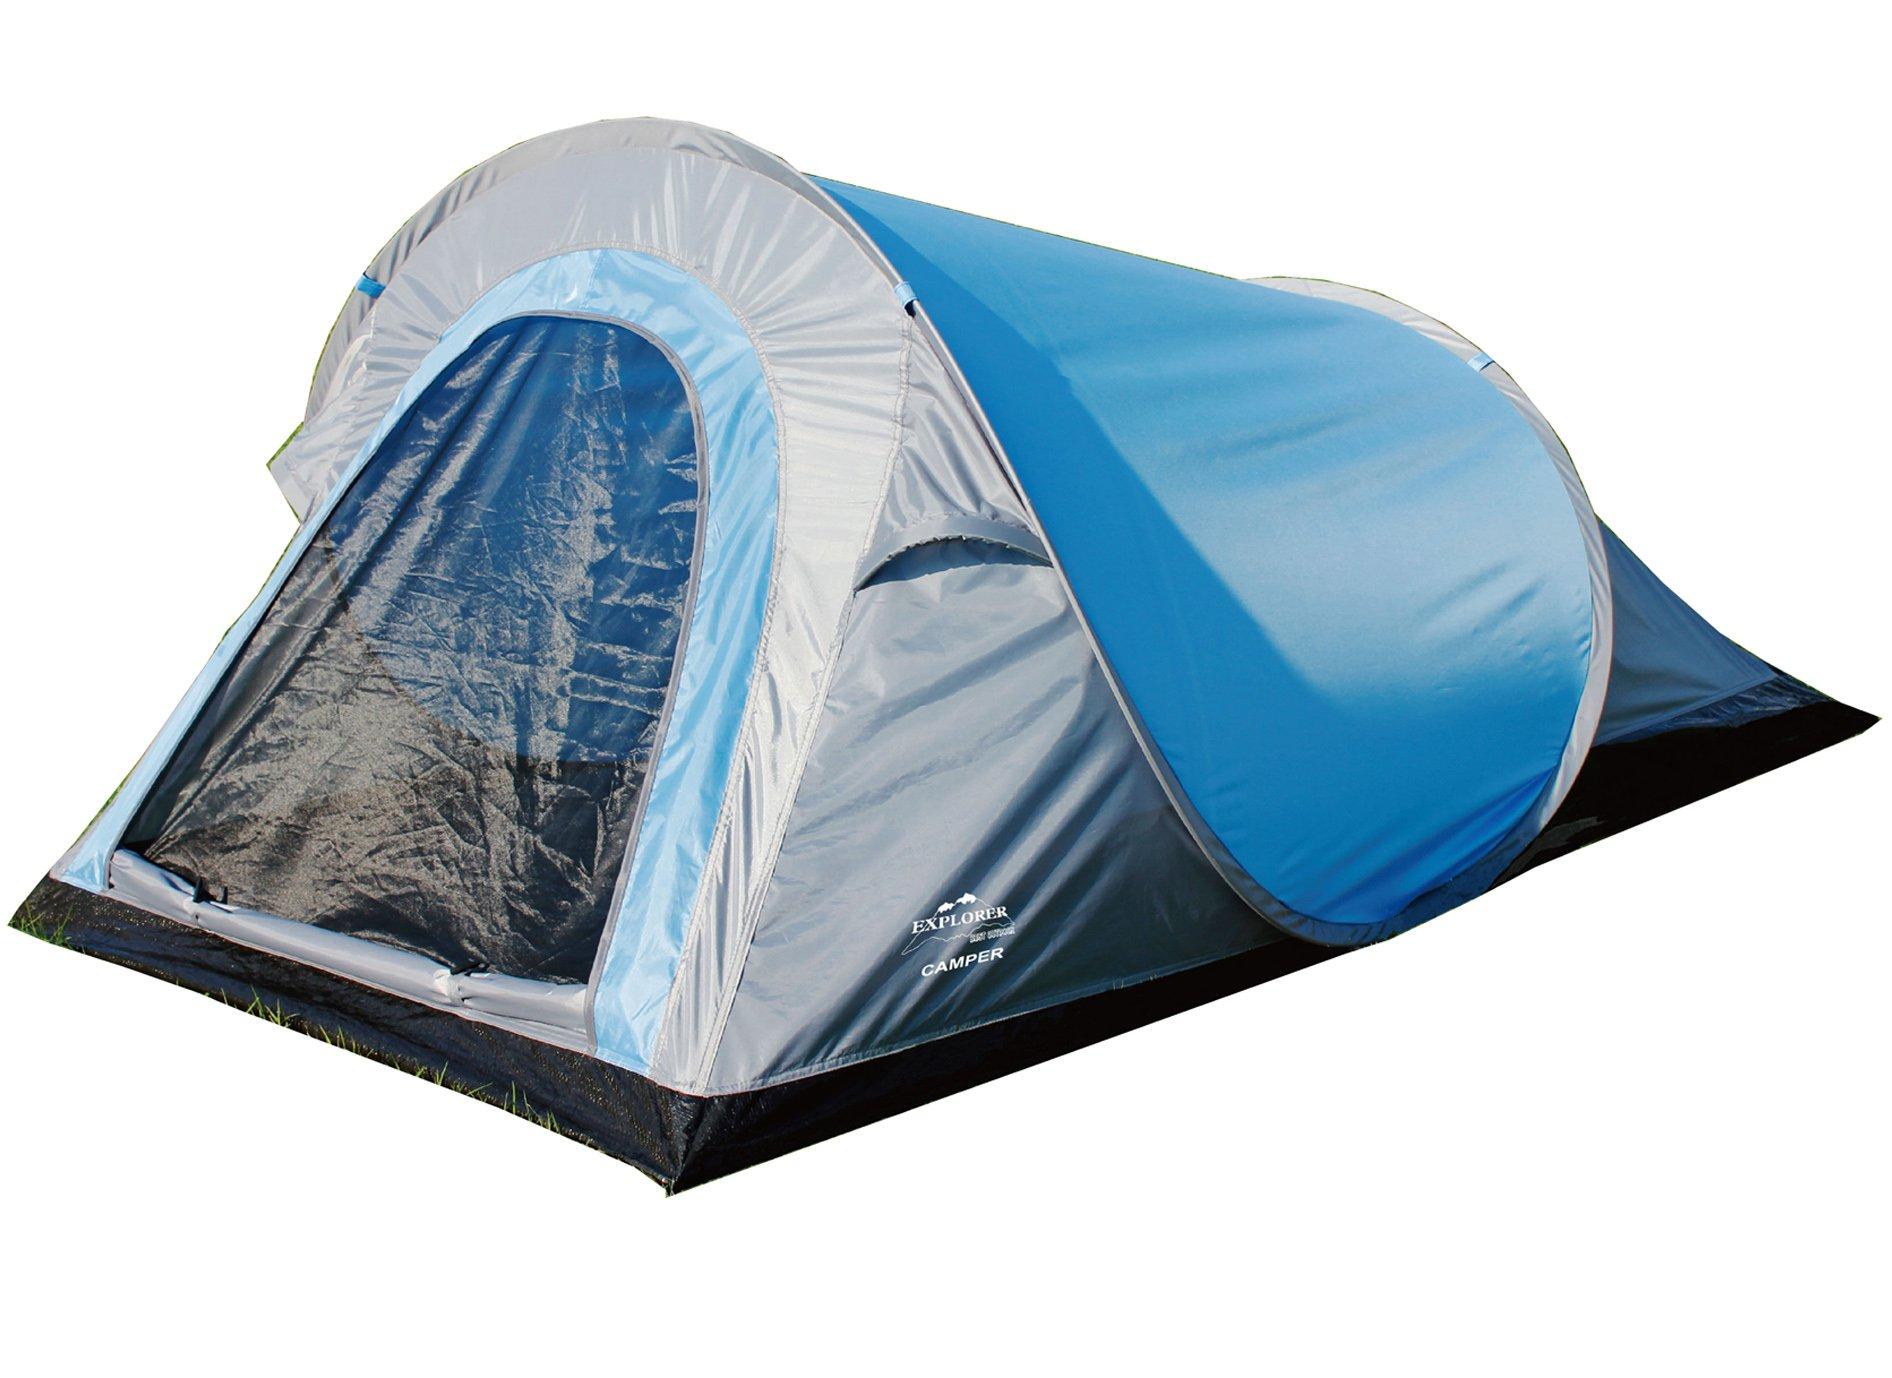 EXPLORER Zelt Pop-up-Zelt Camper **in Sekunden aufgebaut!** 220x120x90/60cm 2 Pe